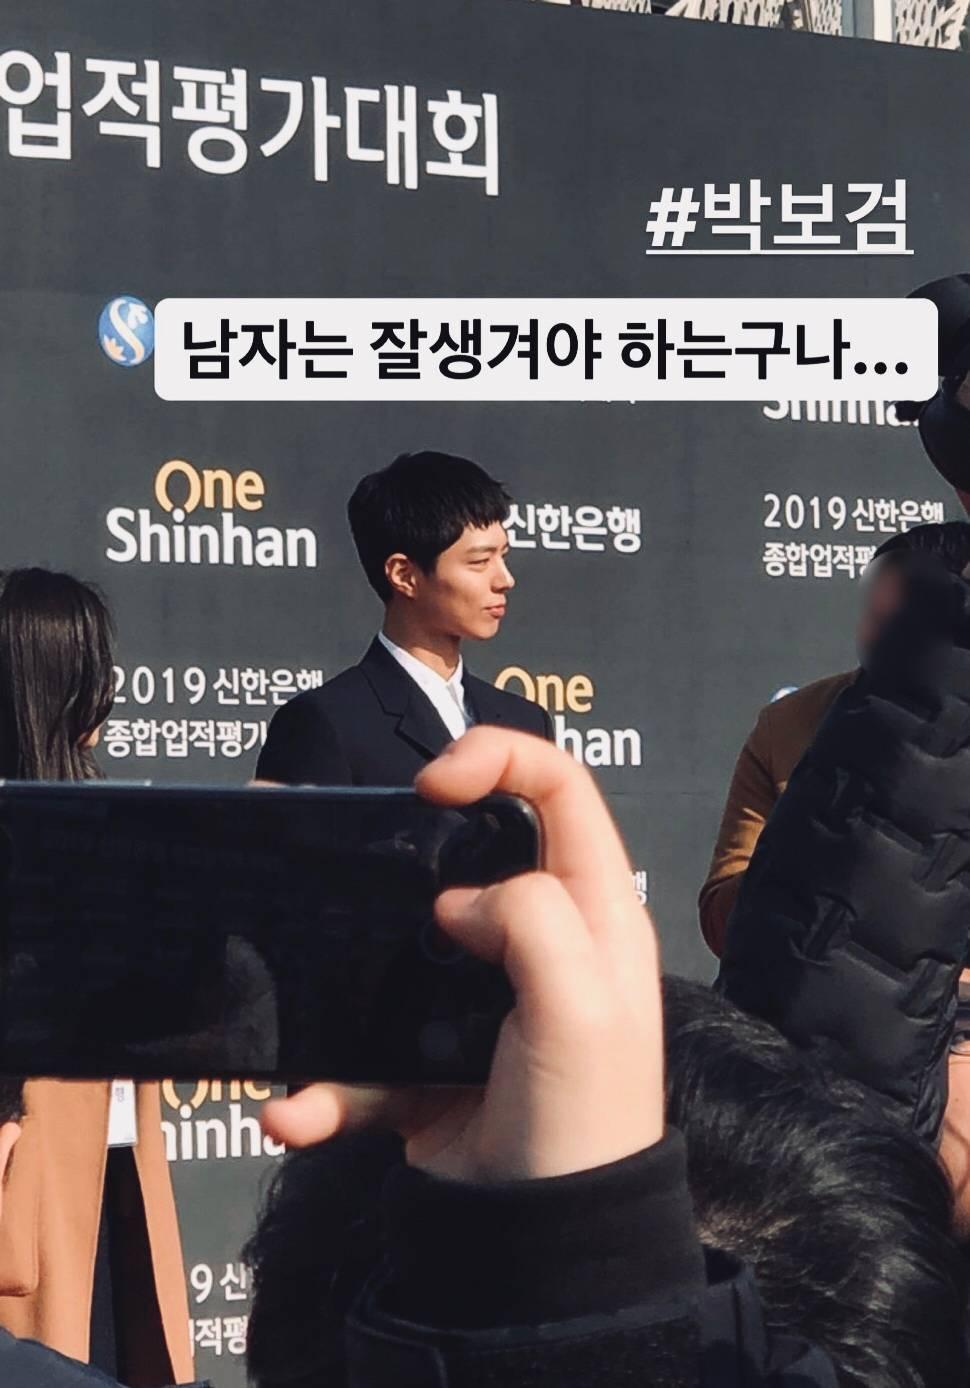 영화 촬영땜에 머리 확 바꾼 박보검 근황.jpg | 인스티즈